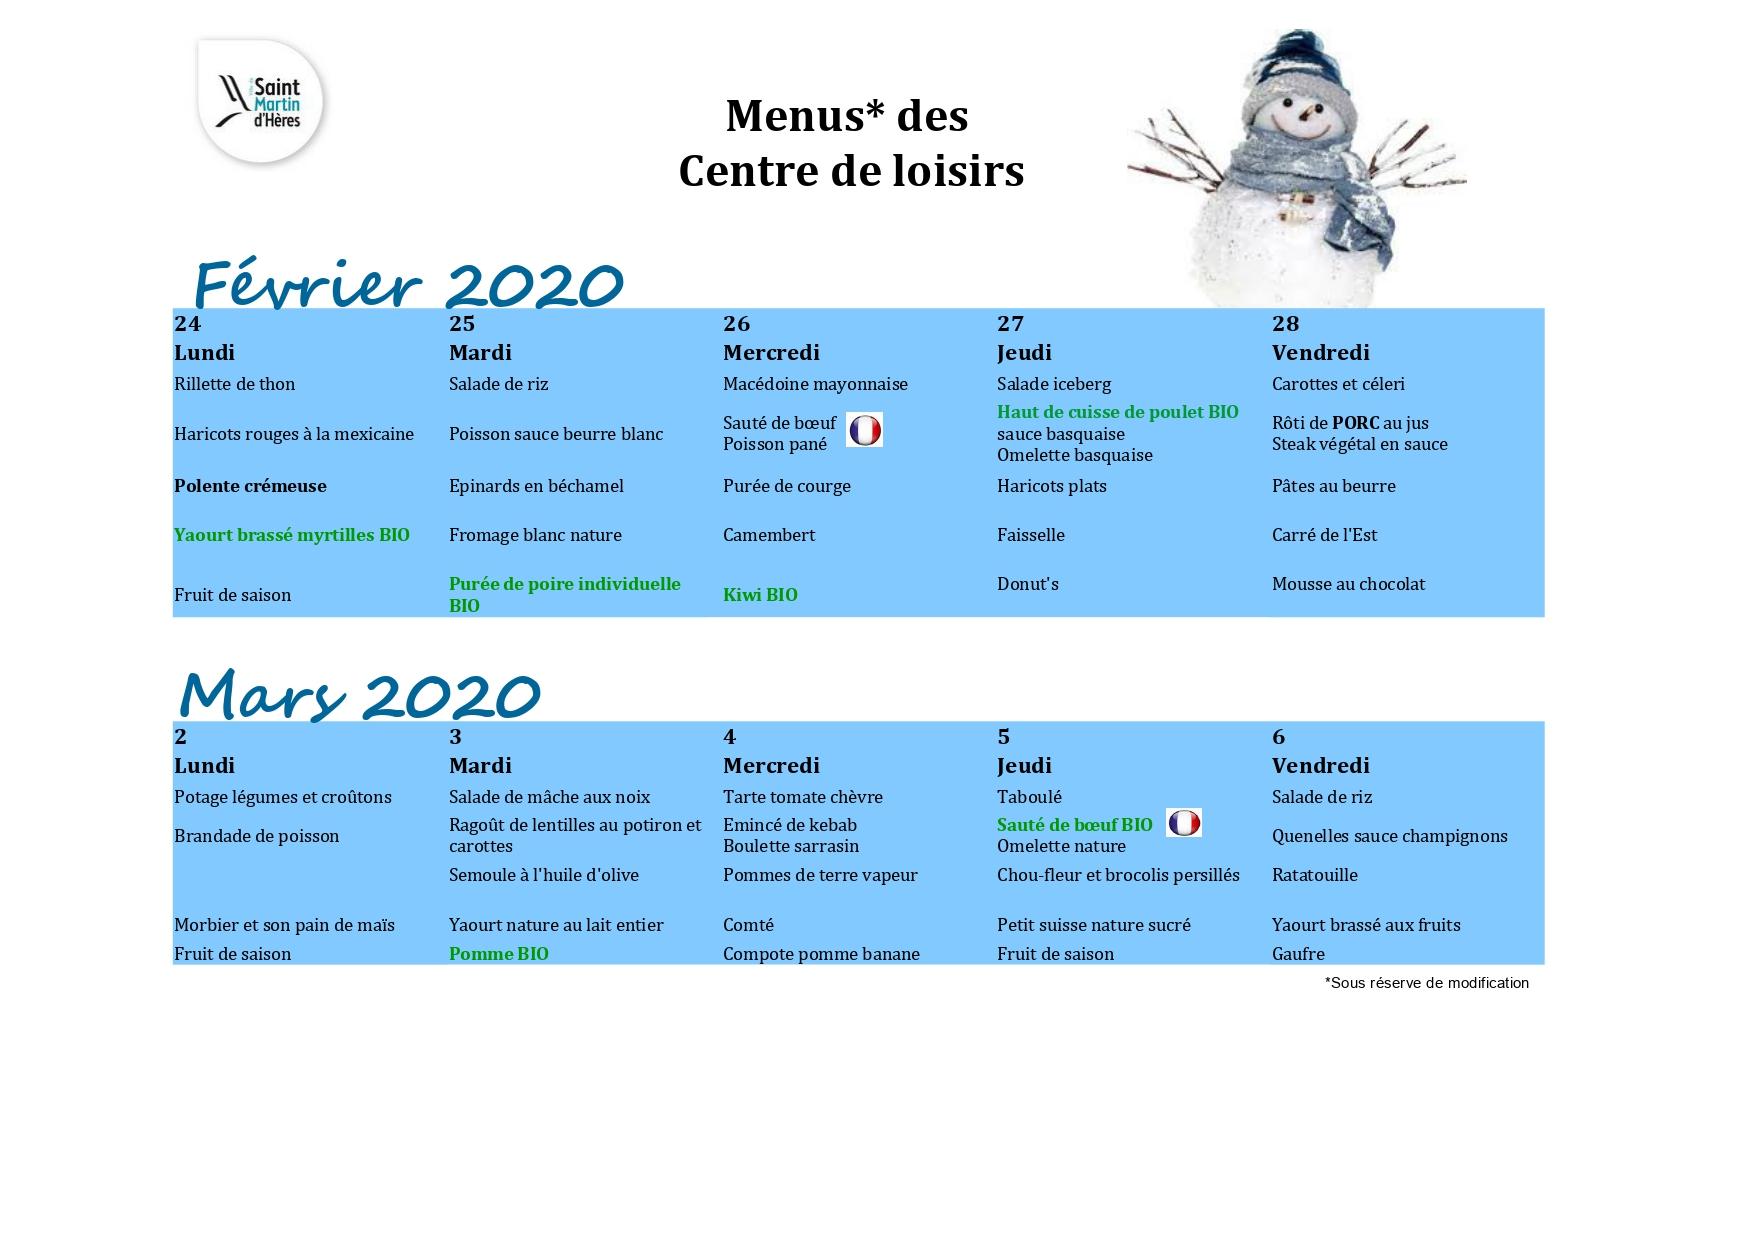 Menus RS : vacances Février 2020